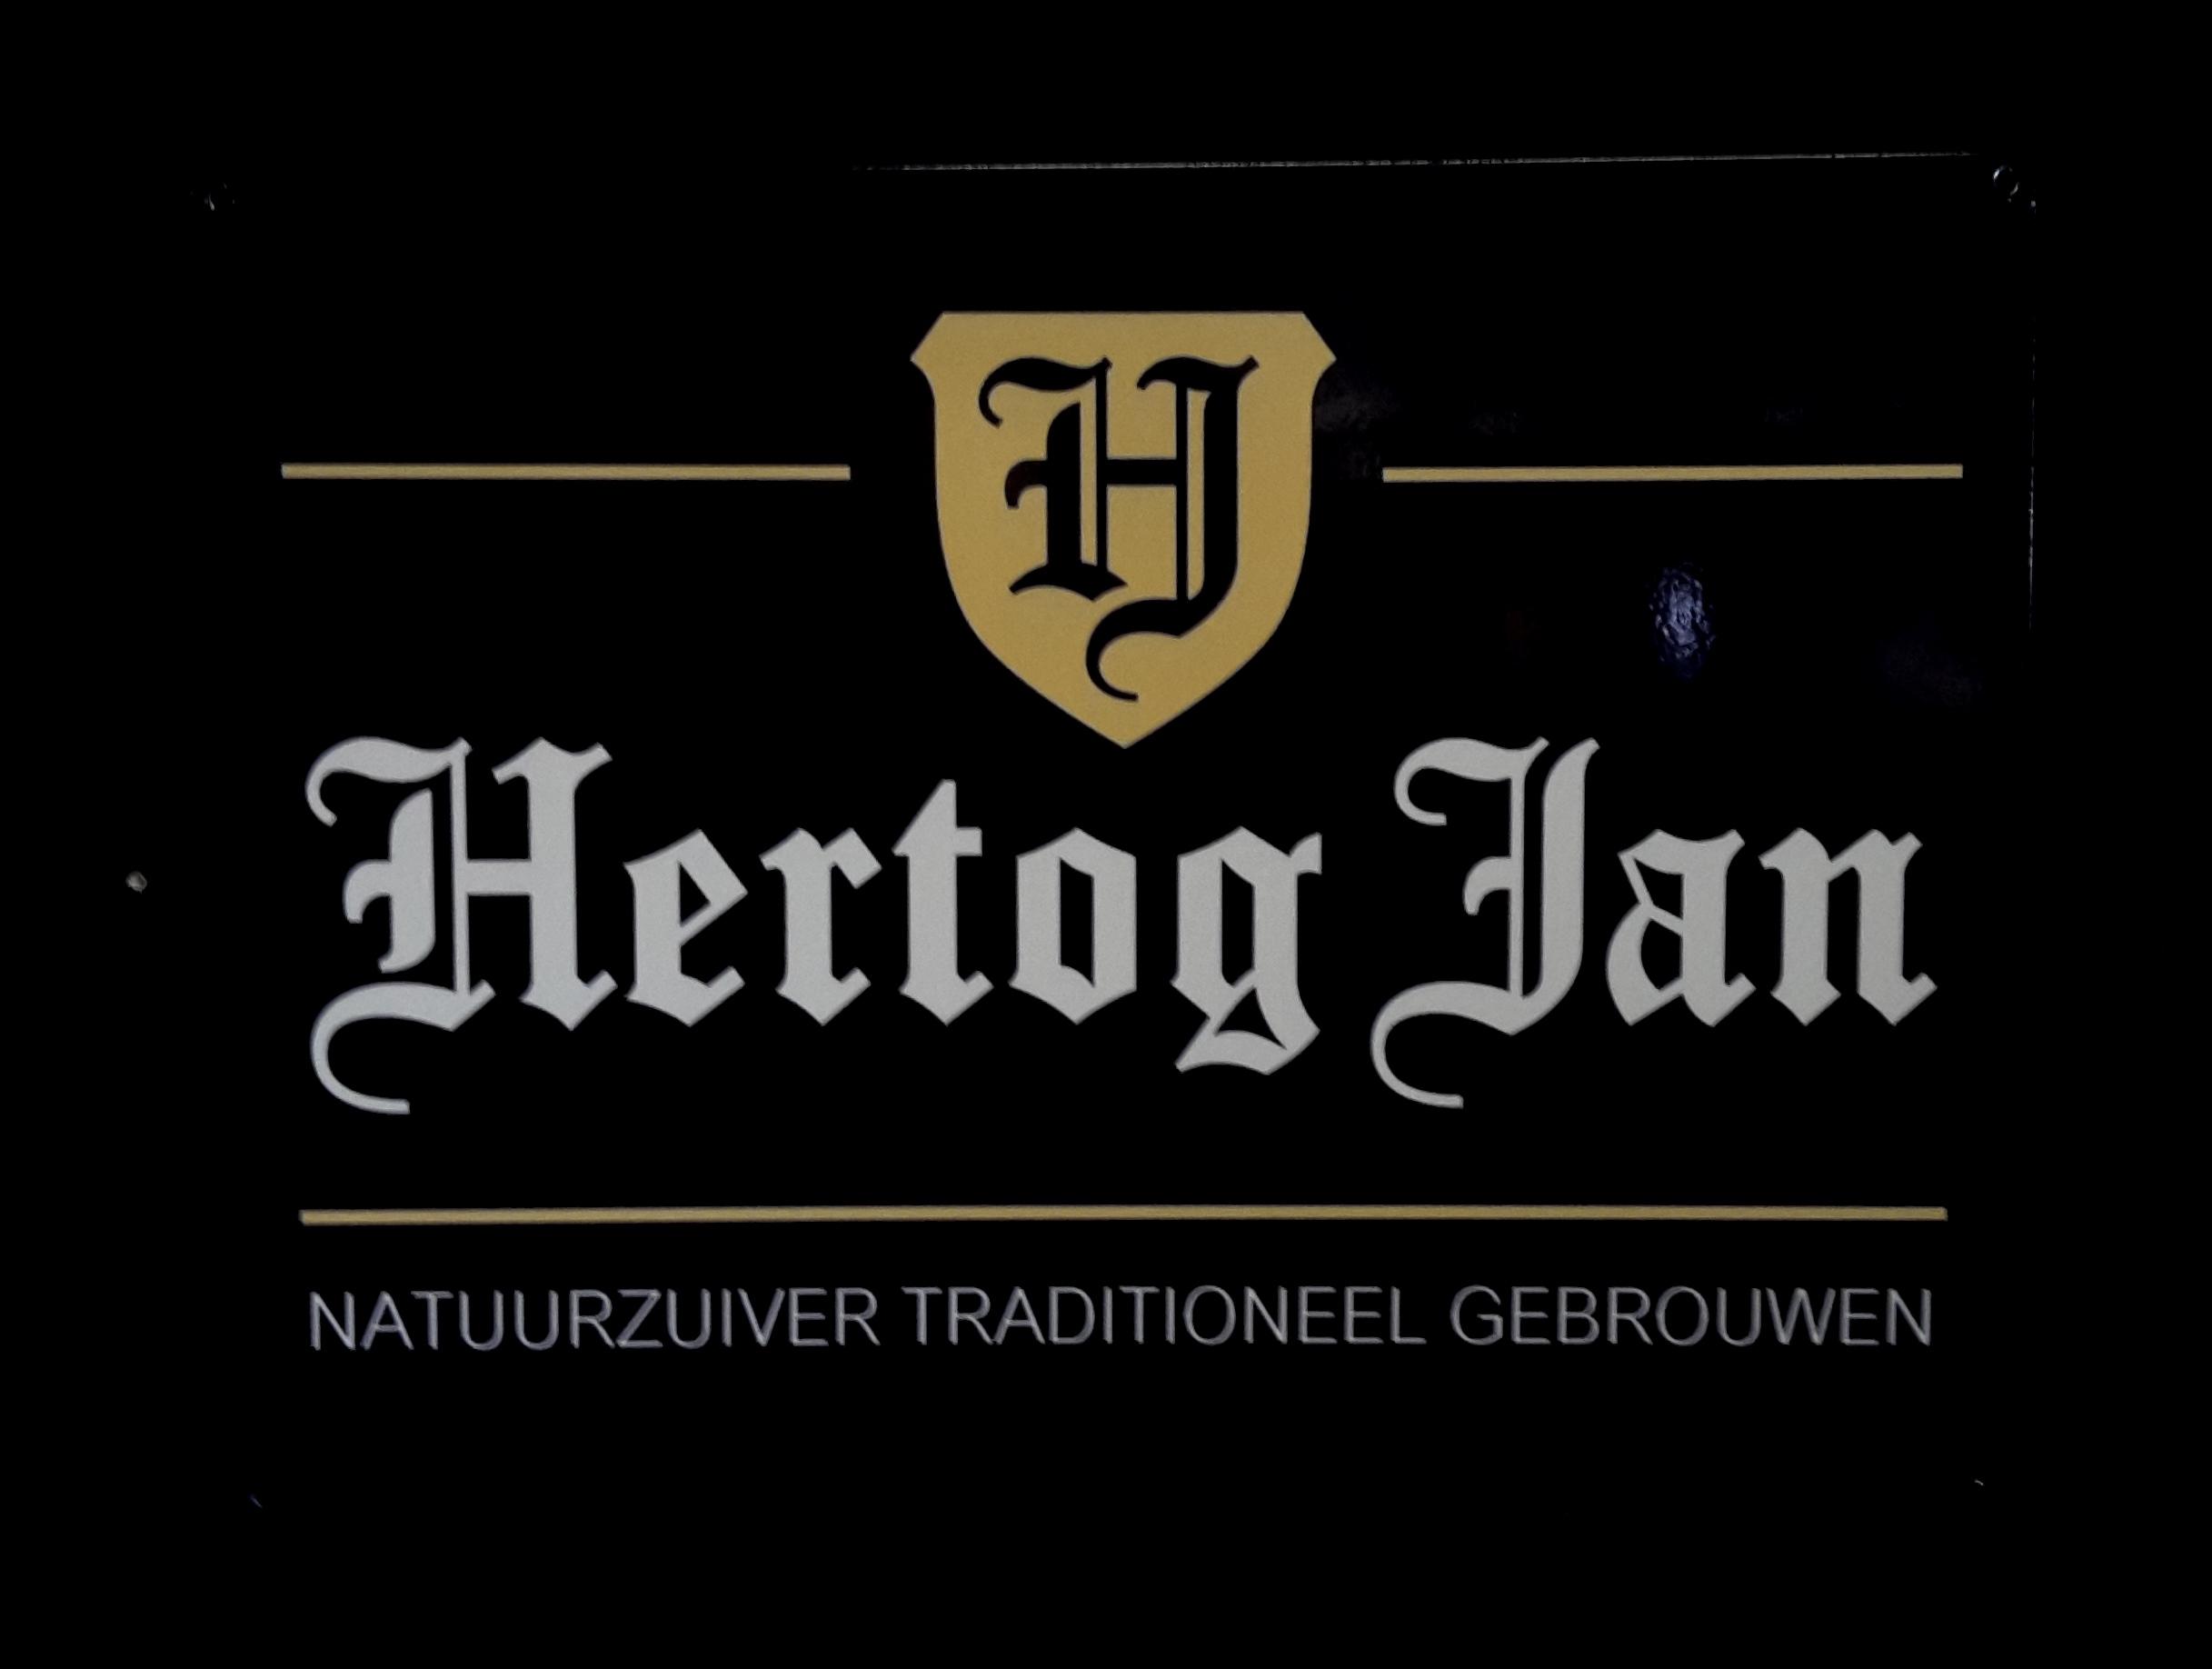 Super Hertog Jan bier reclamebord 30 x 40 cm (FH735) – De Kornschuur BR-71